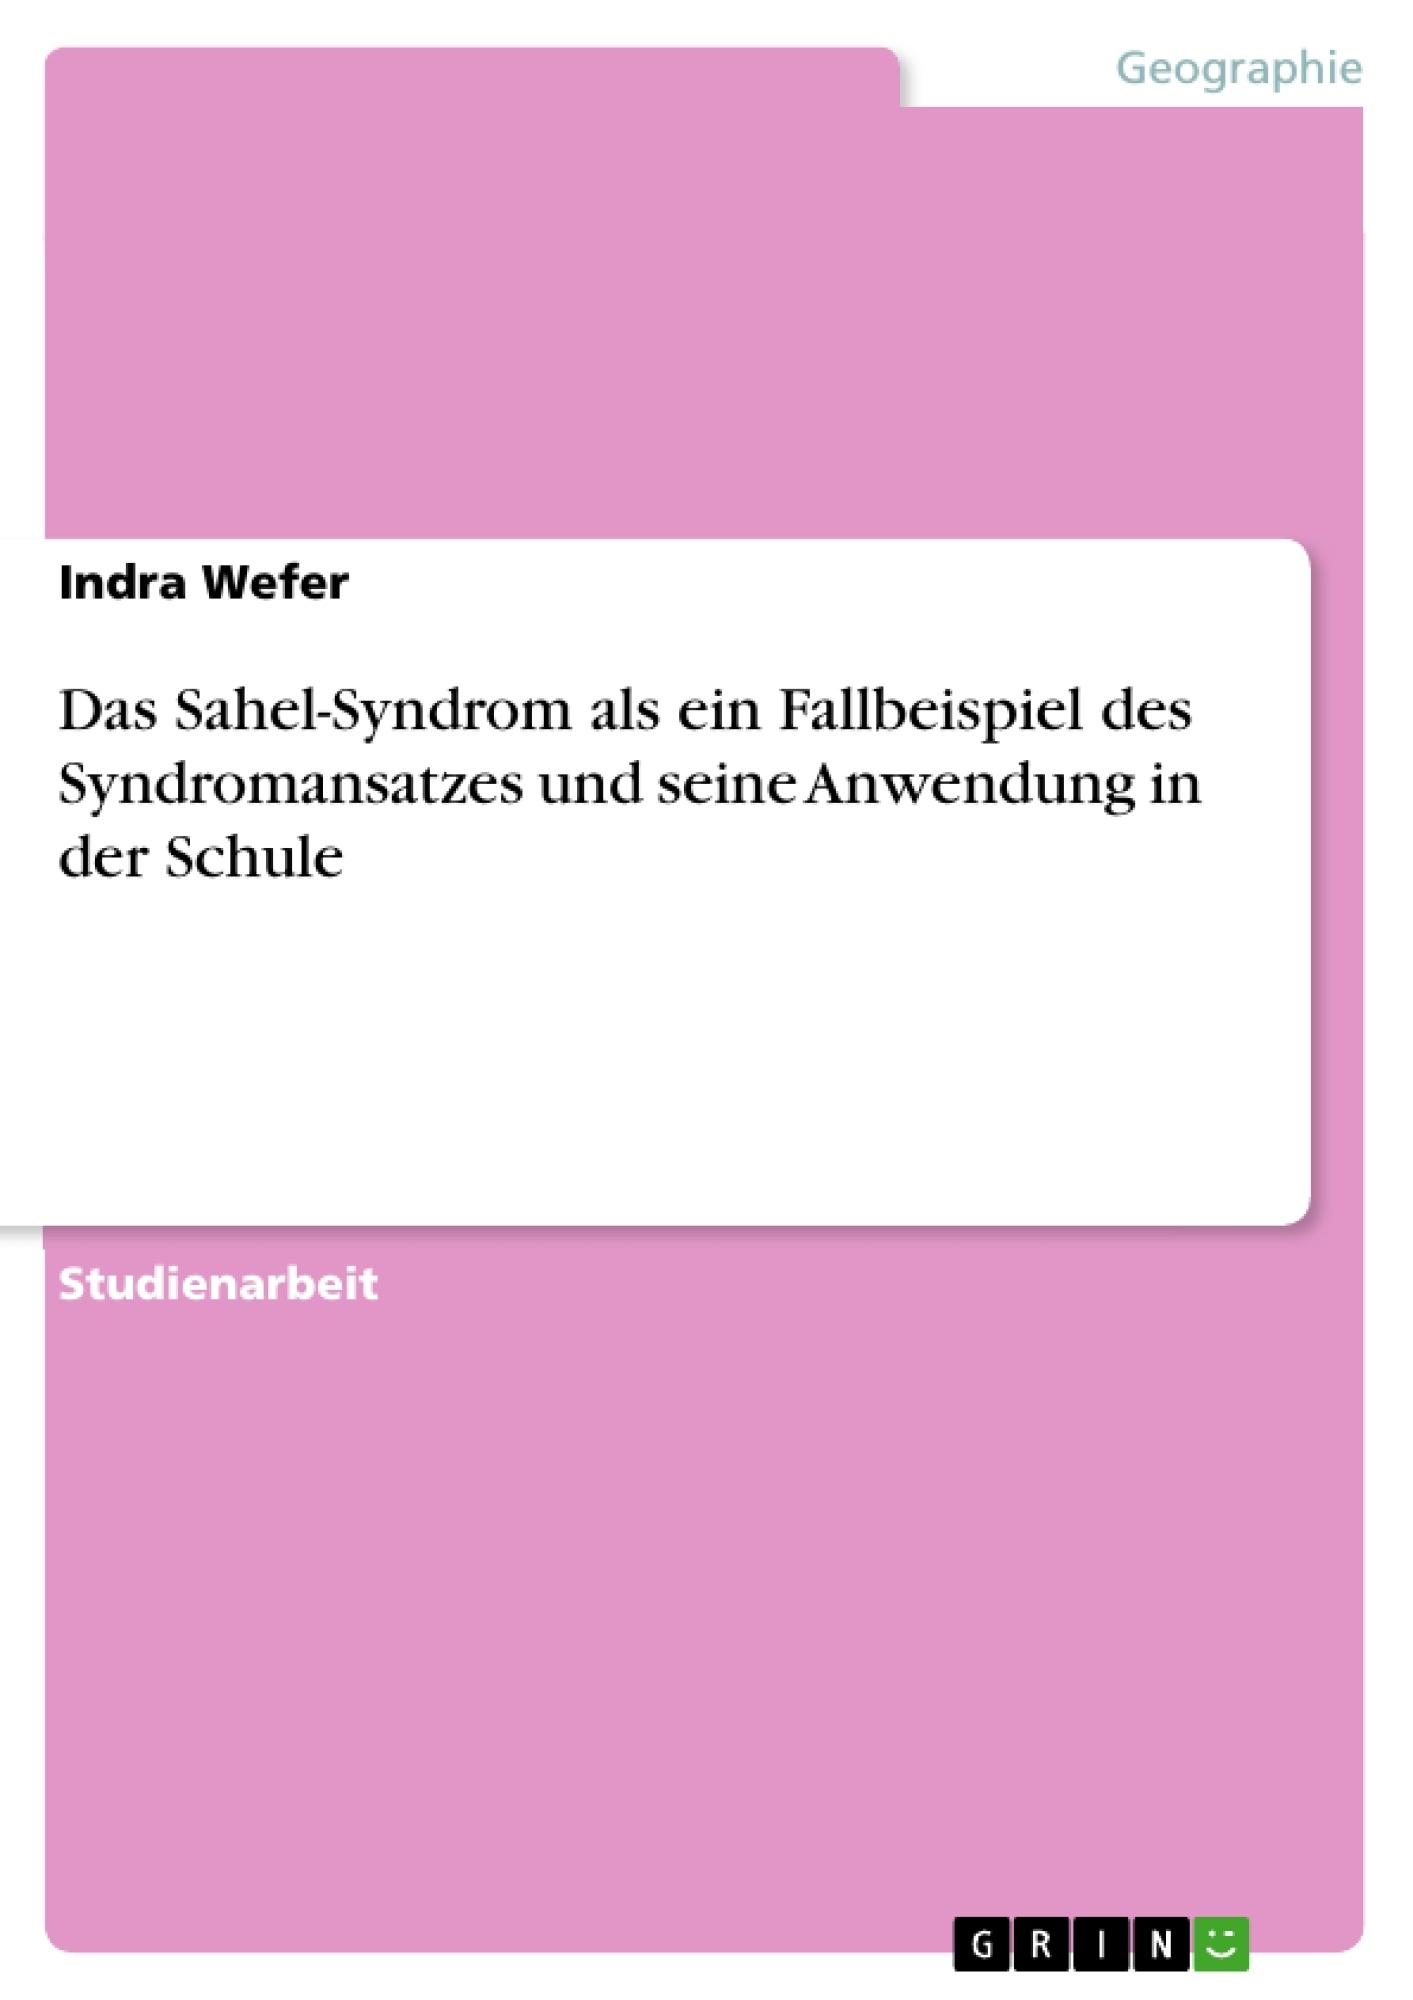 Titel: Das Sahel-Syndrom als ein Fallbeispiel des Syndromansatzes und seine Anwendung in der Schule